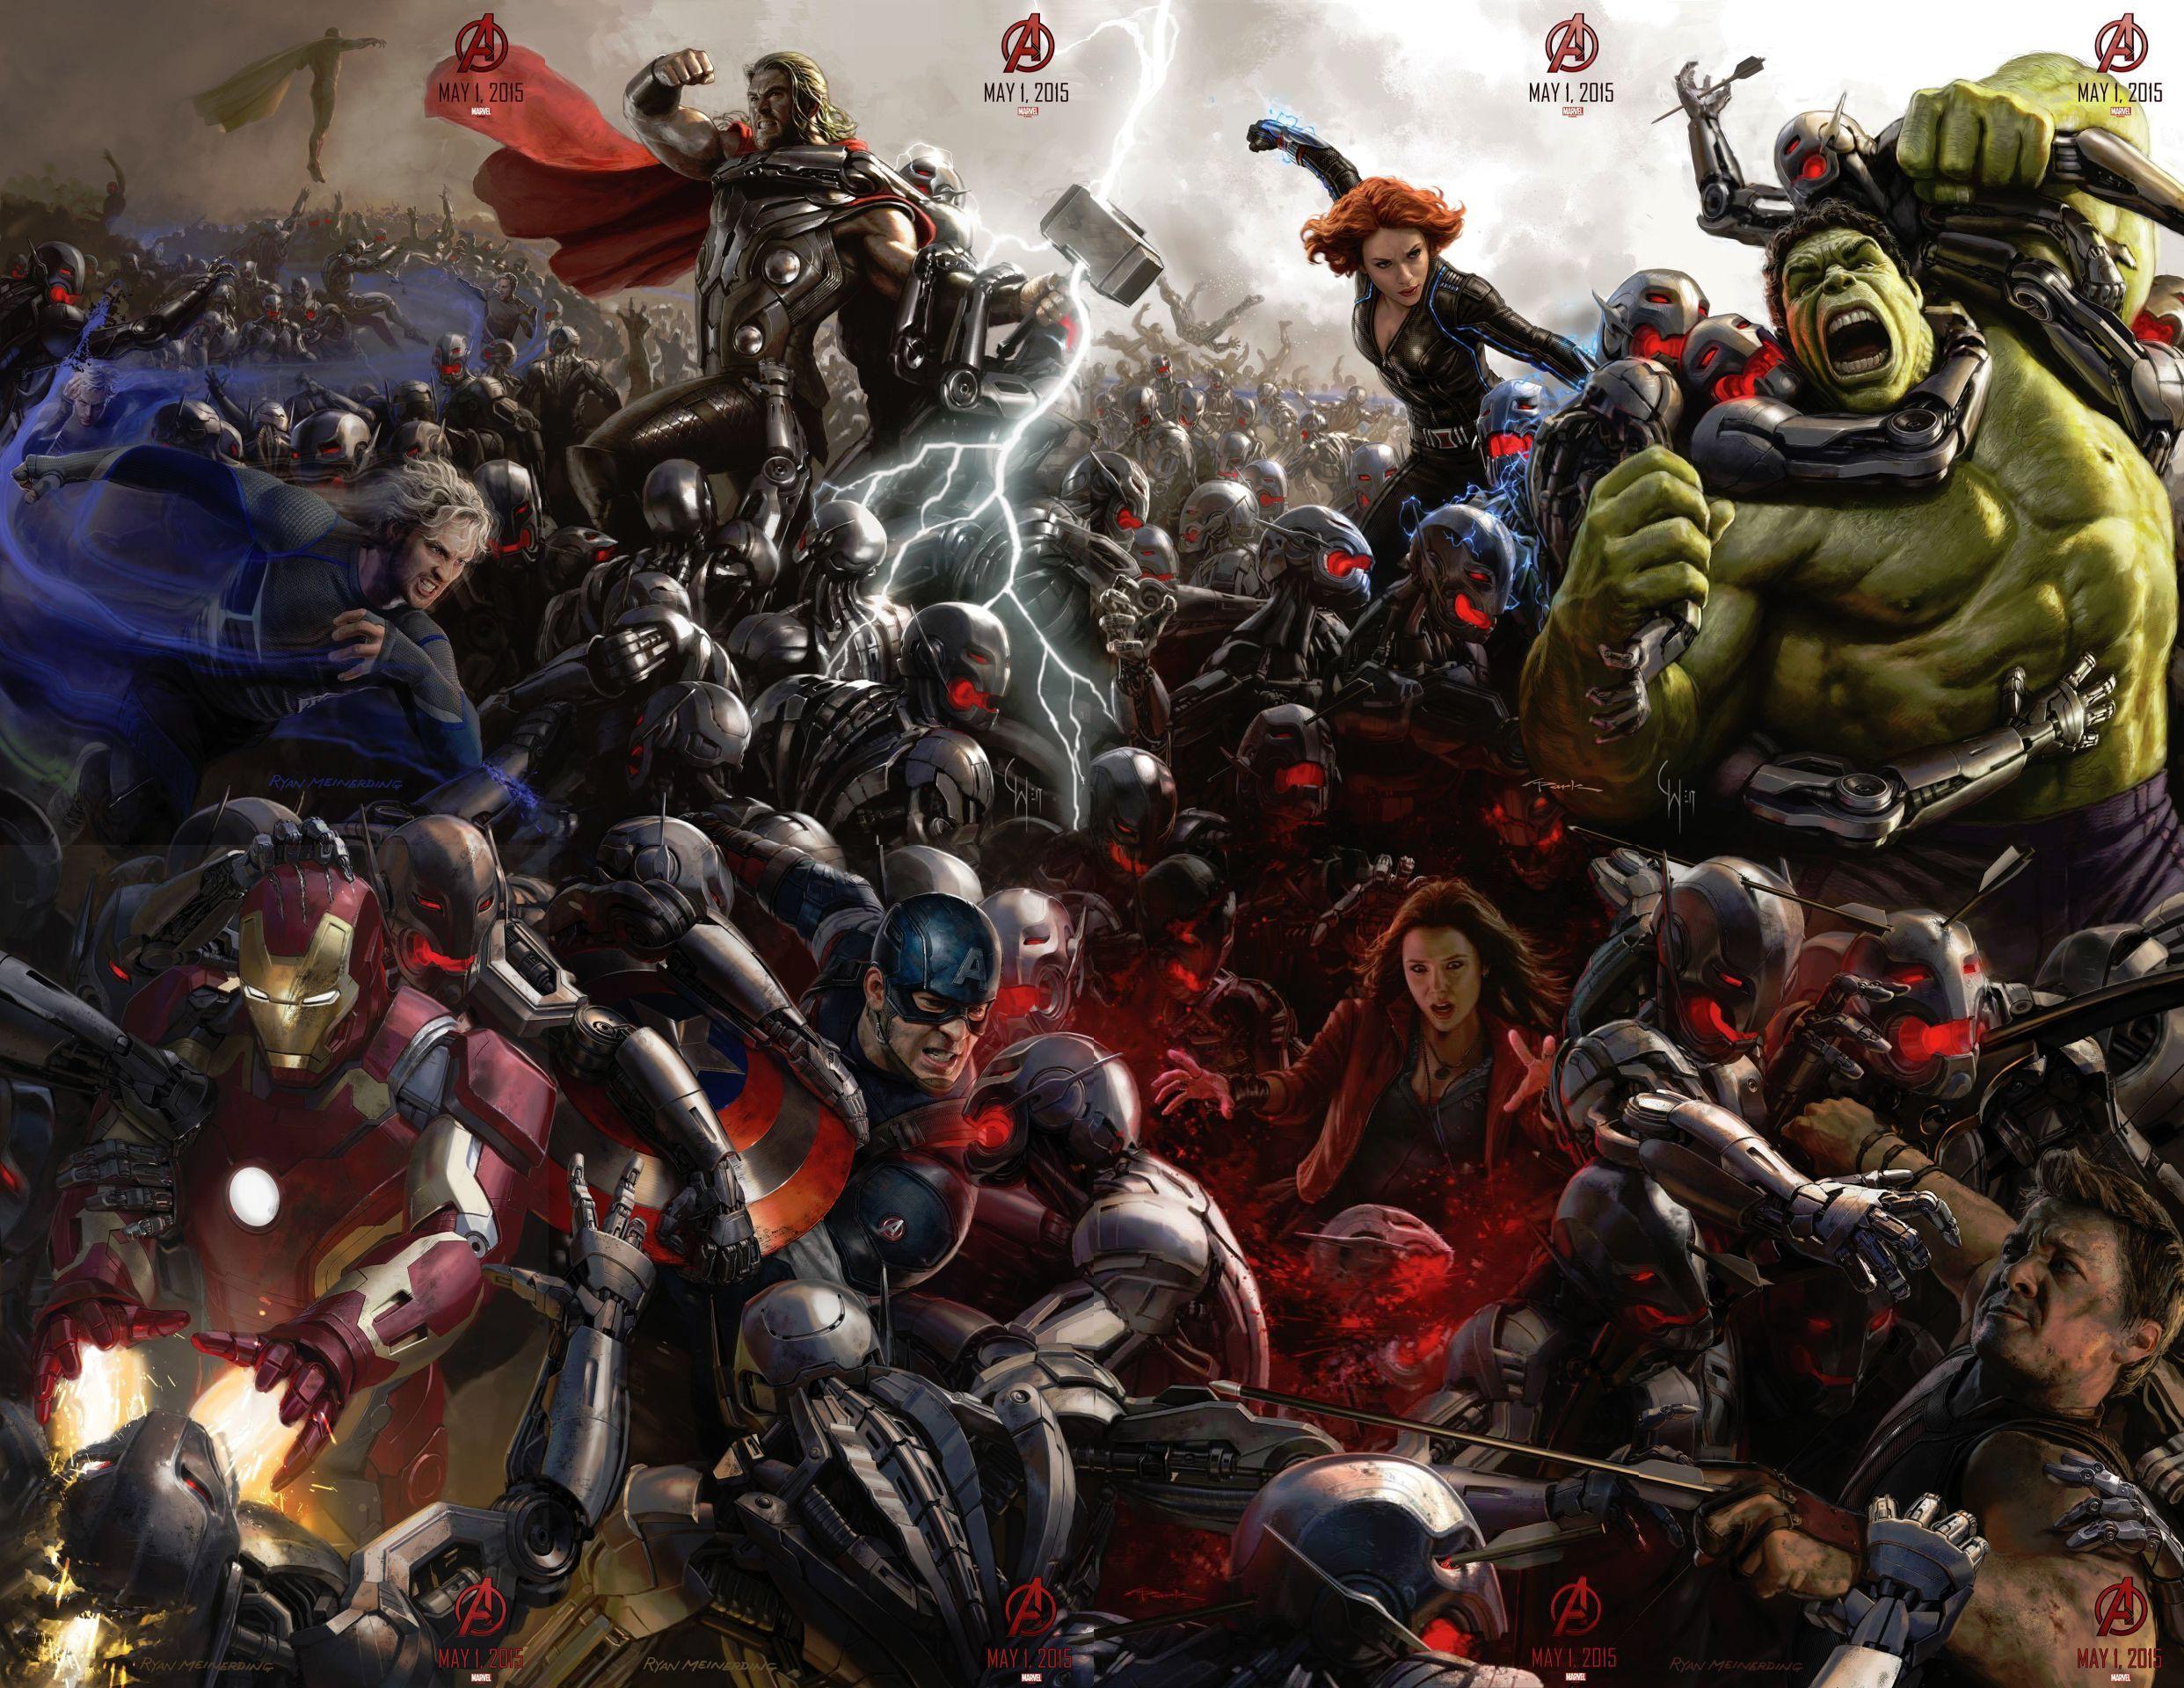 [Critique ciné] Avengers : L'Ère d'Ultron — Une suite sans grosse surprise